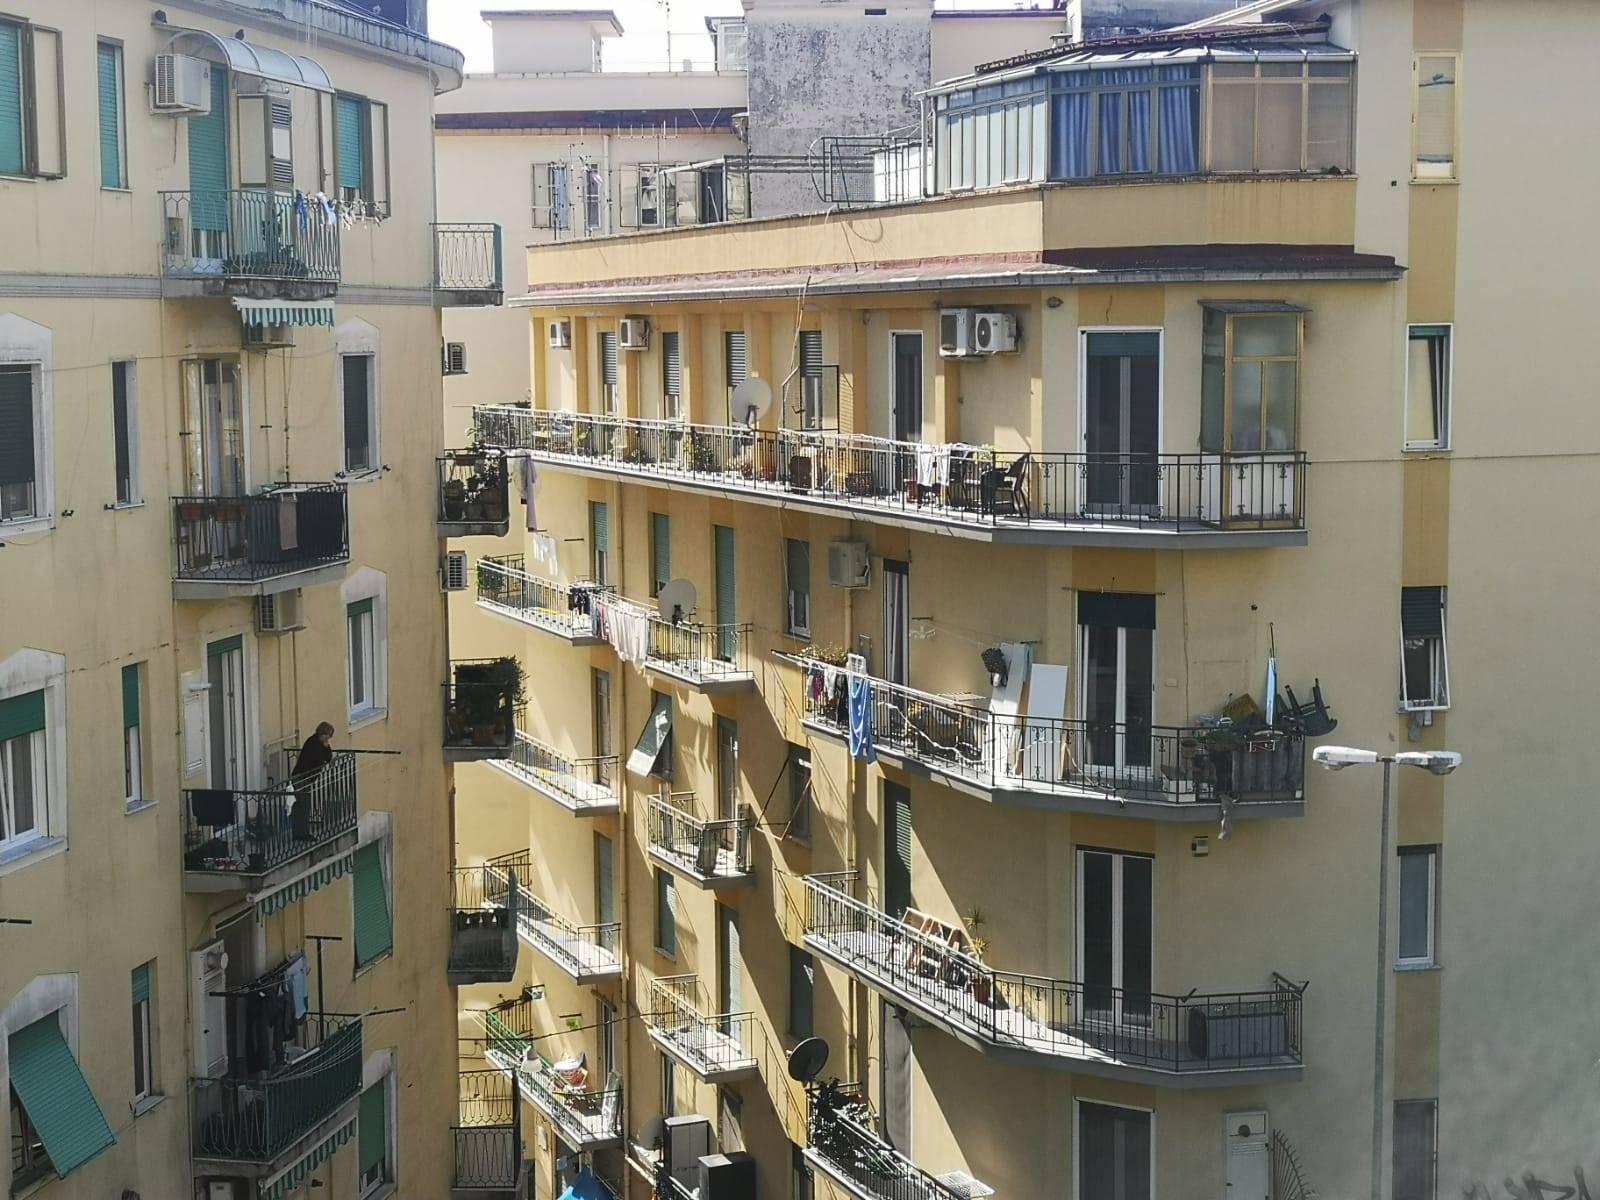 Salerno-Zona Carmine, a pochi passi da Piazza S. Francesco e dal centro della città, proponiamo la vendita di ampio appartamento di mq 130 circa. La